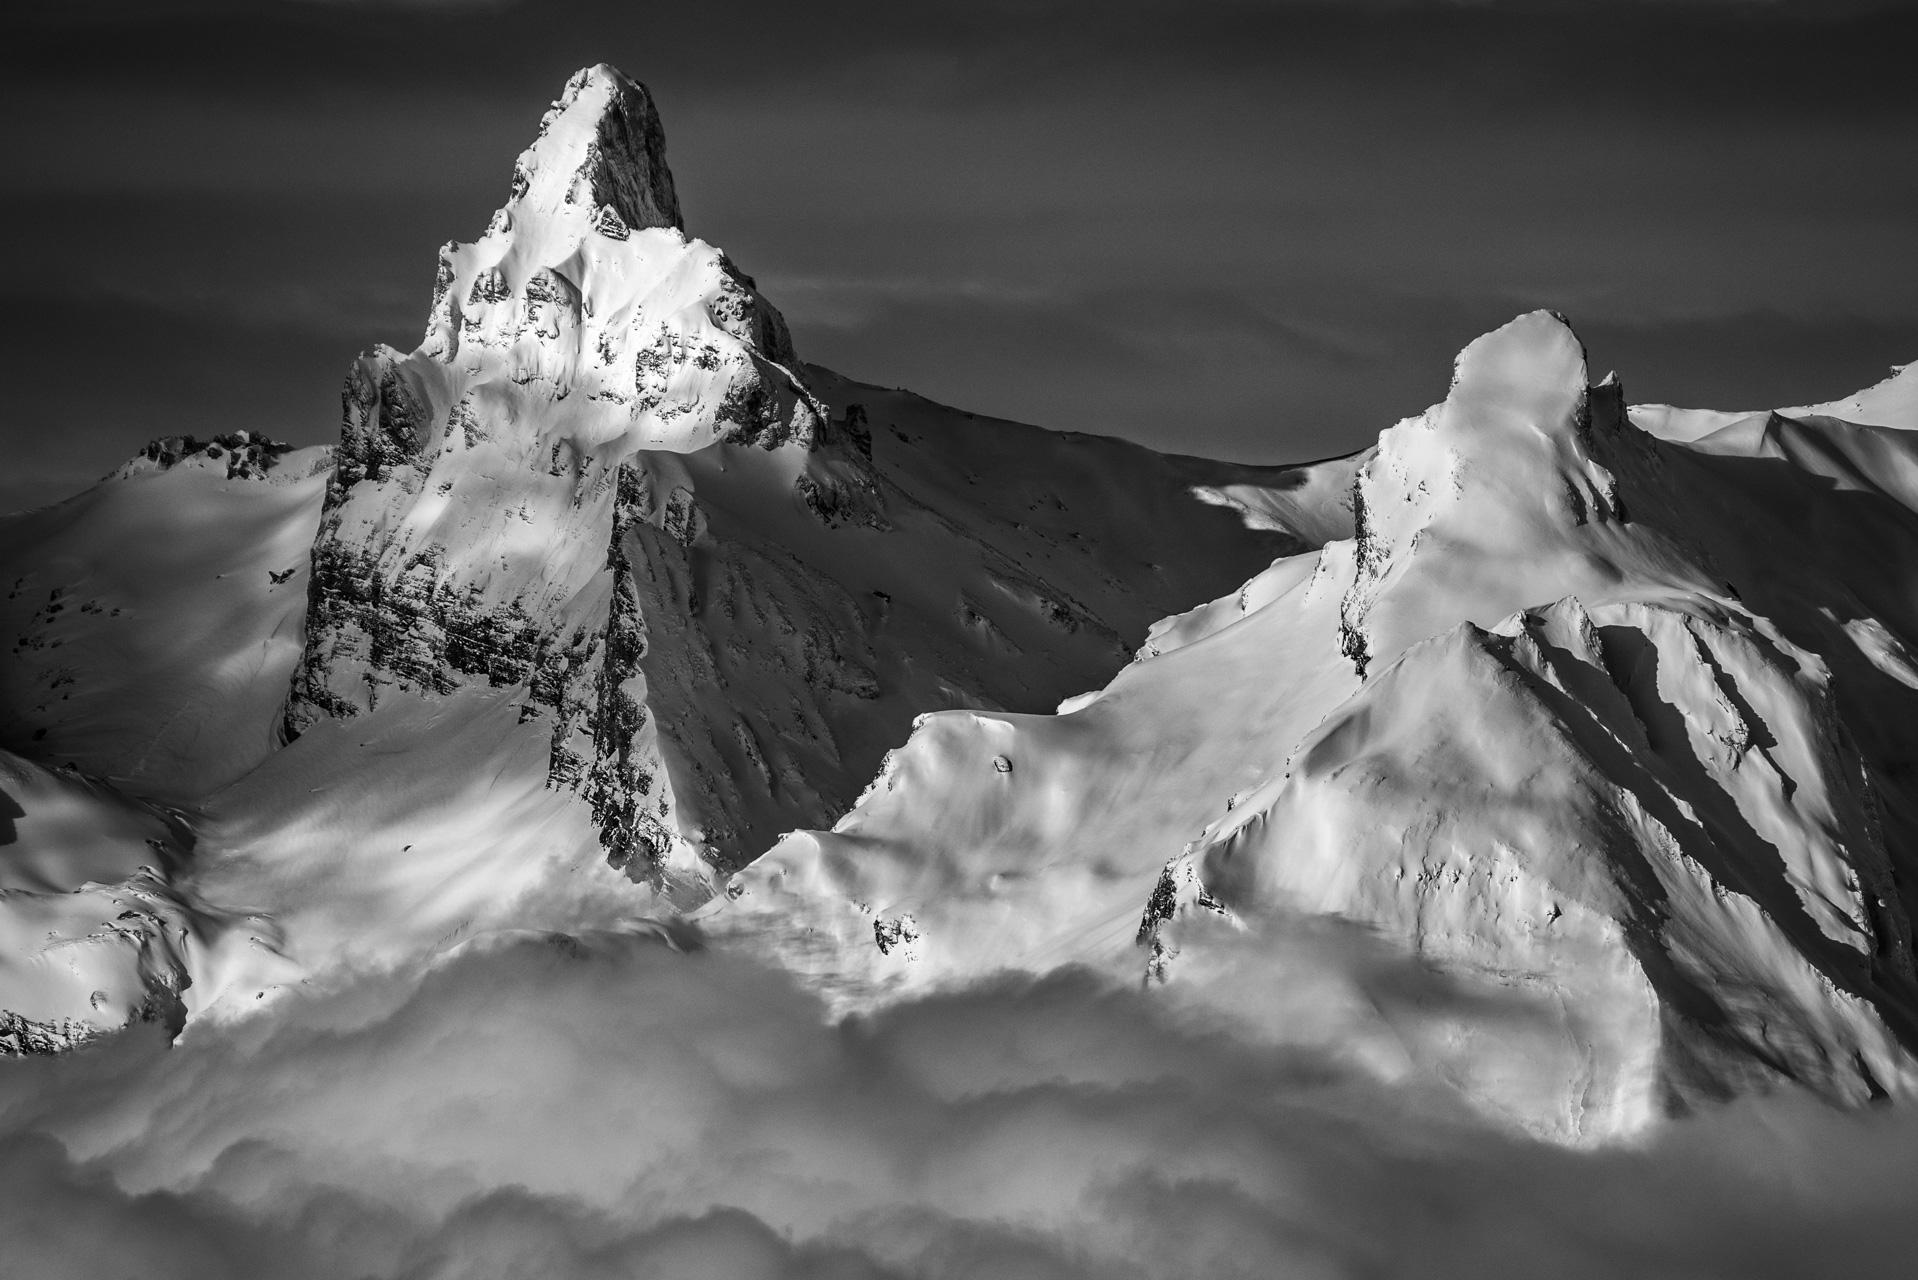 Image de montagne noir et blanc du Petit Muveran depuis Thyon - Alpes Vaudoises à Crans Montana